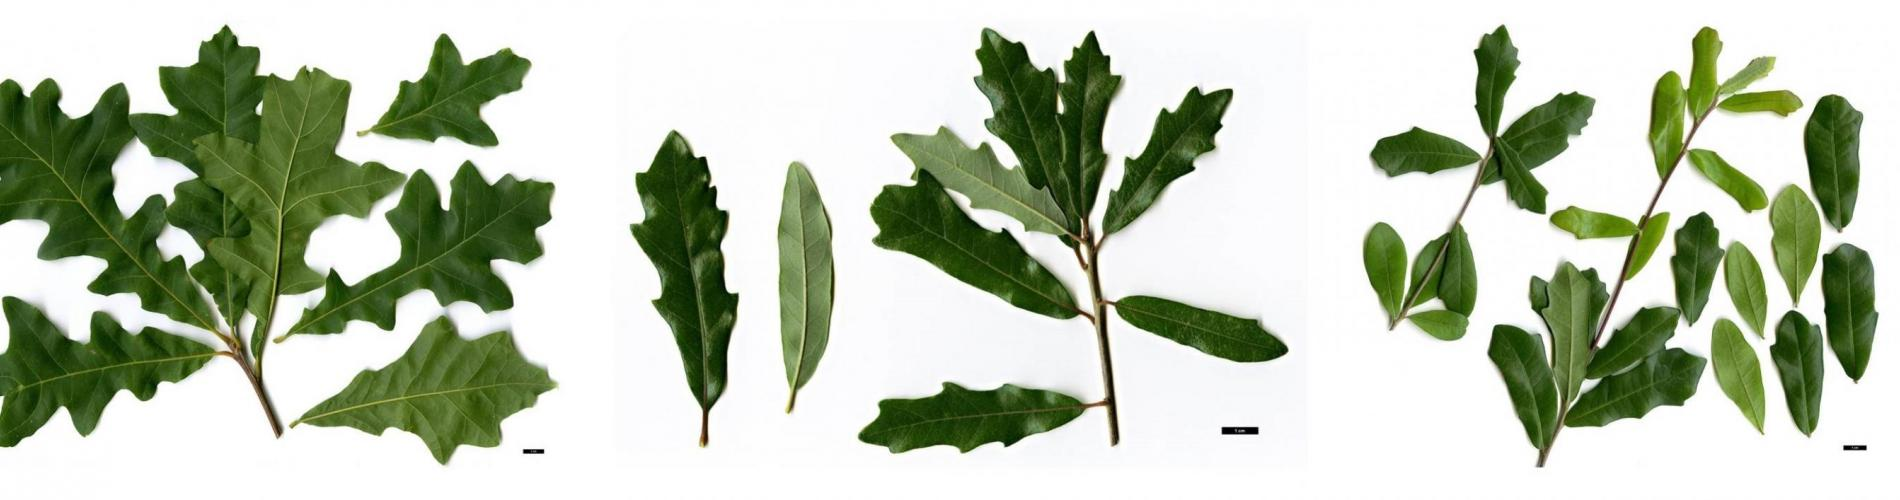 Scans of Q. lyrata, Q. xcomptoniae, and Q. virginiana